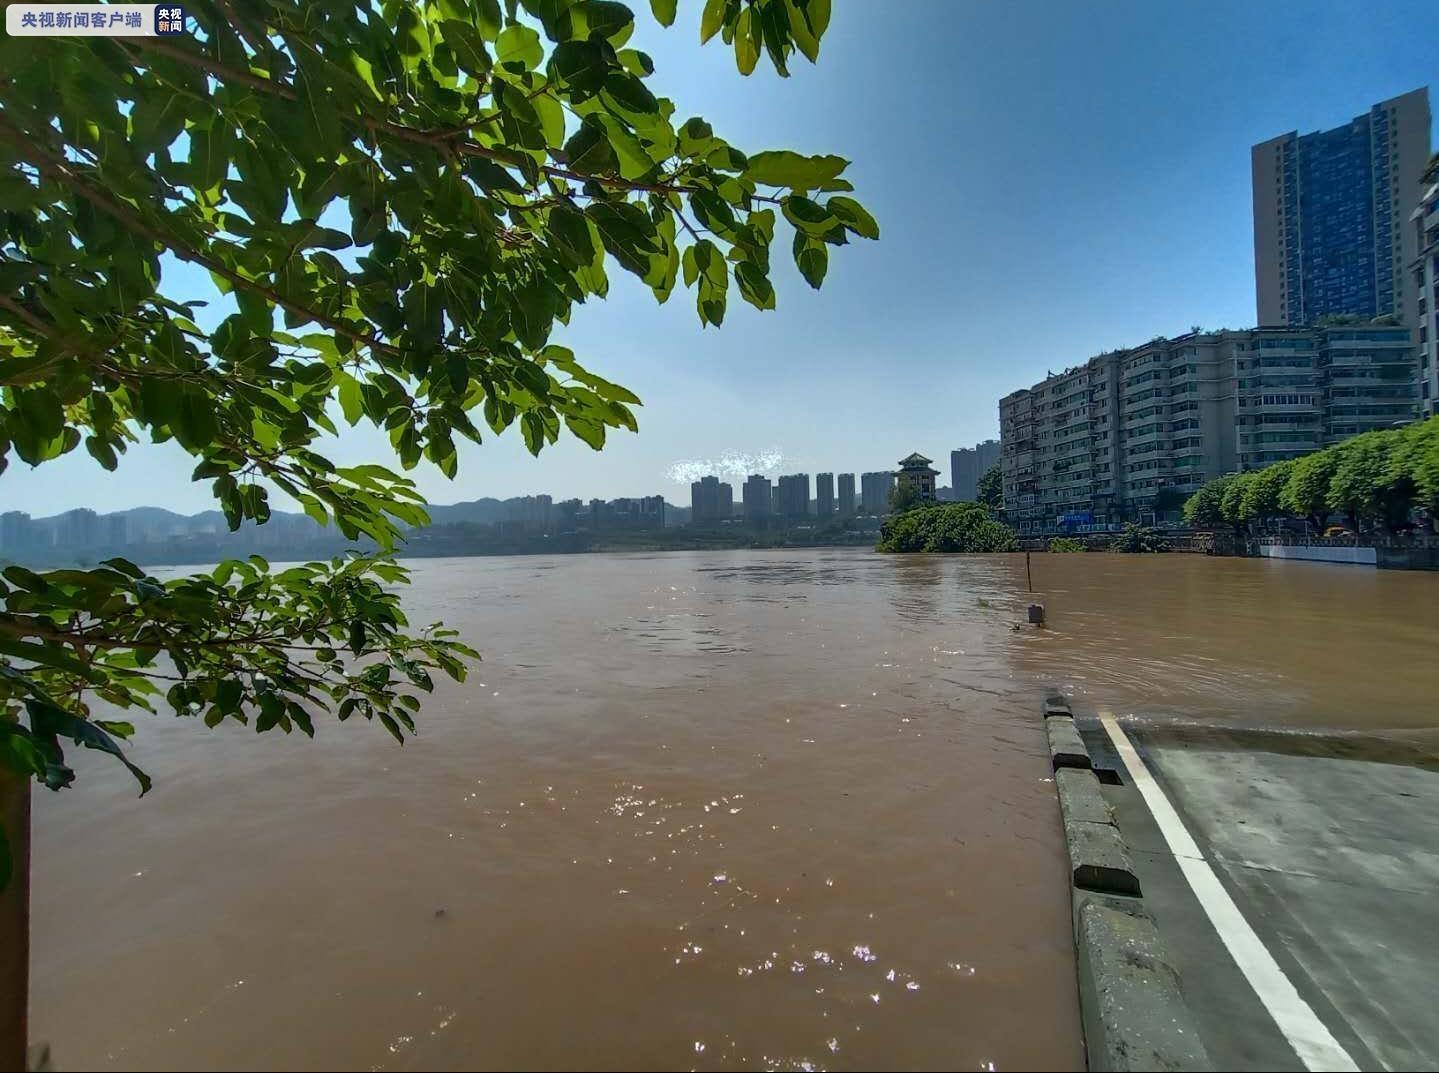 长江2020年第3号洪水过境重庆